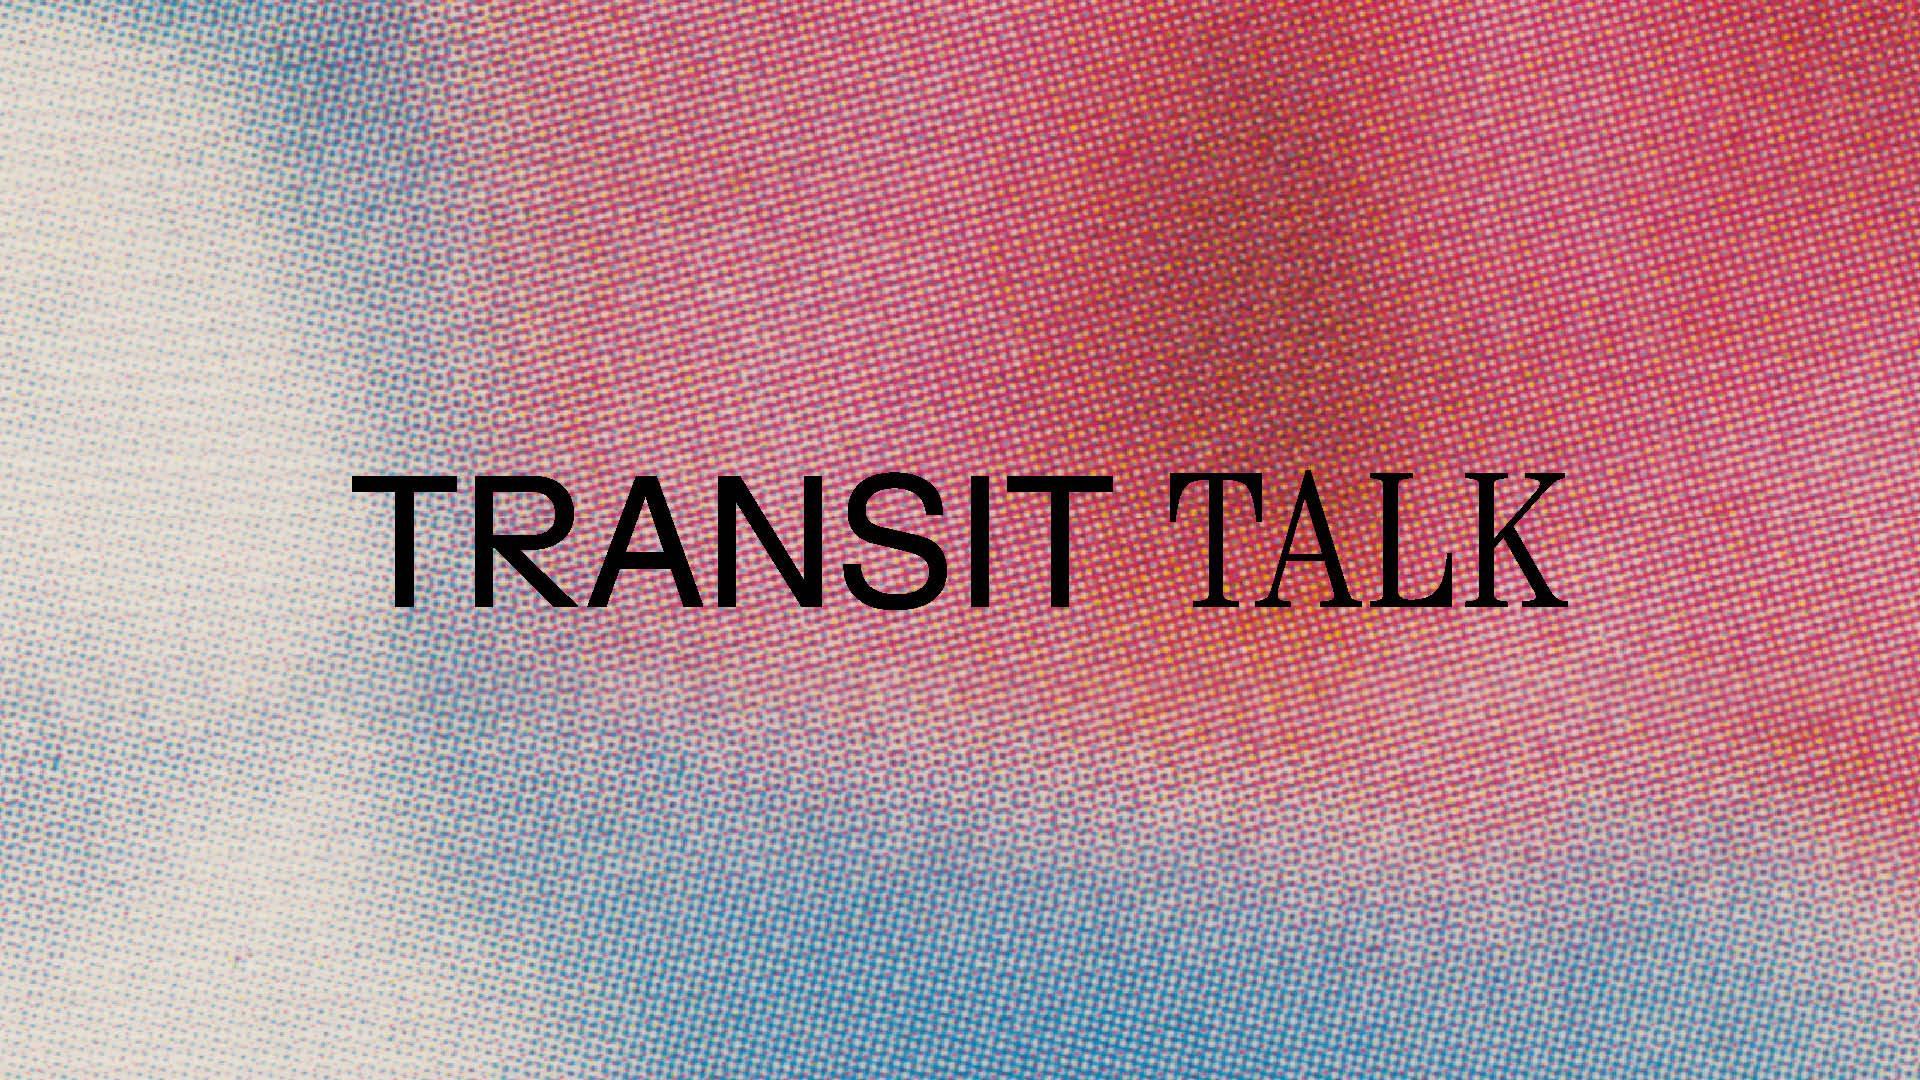 Grafik med teksten: TRANSIT TALK